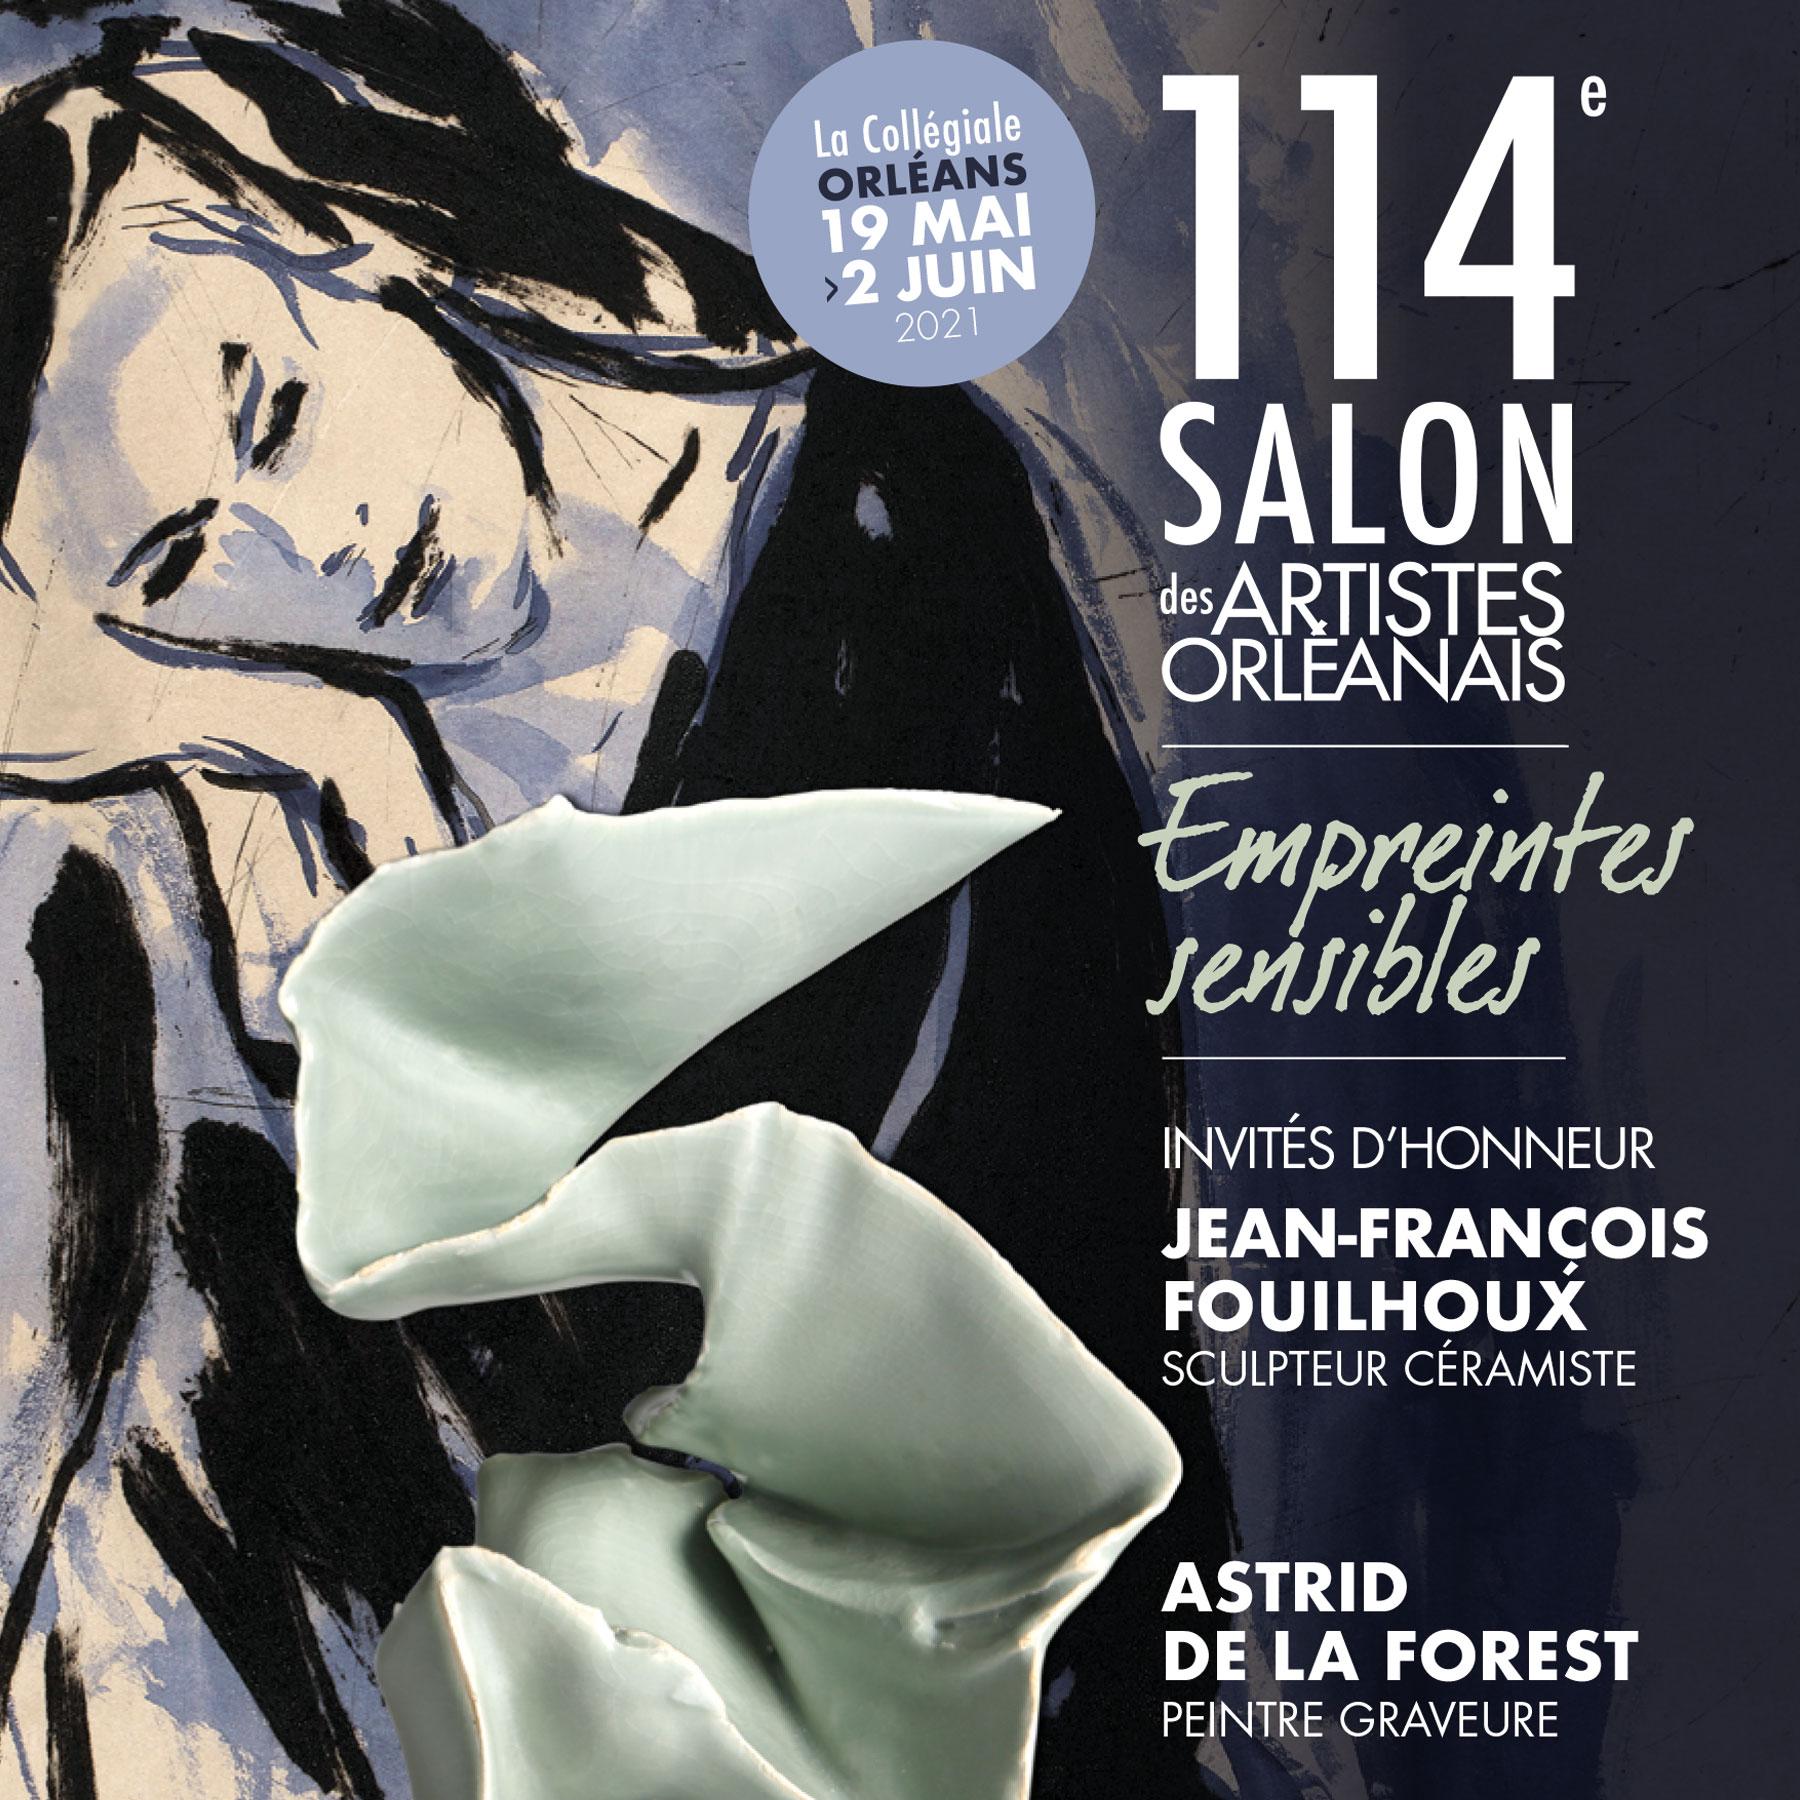 114 eme salon des artistes orléanais